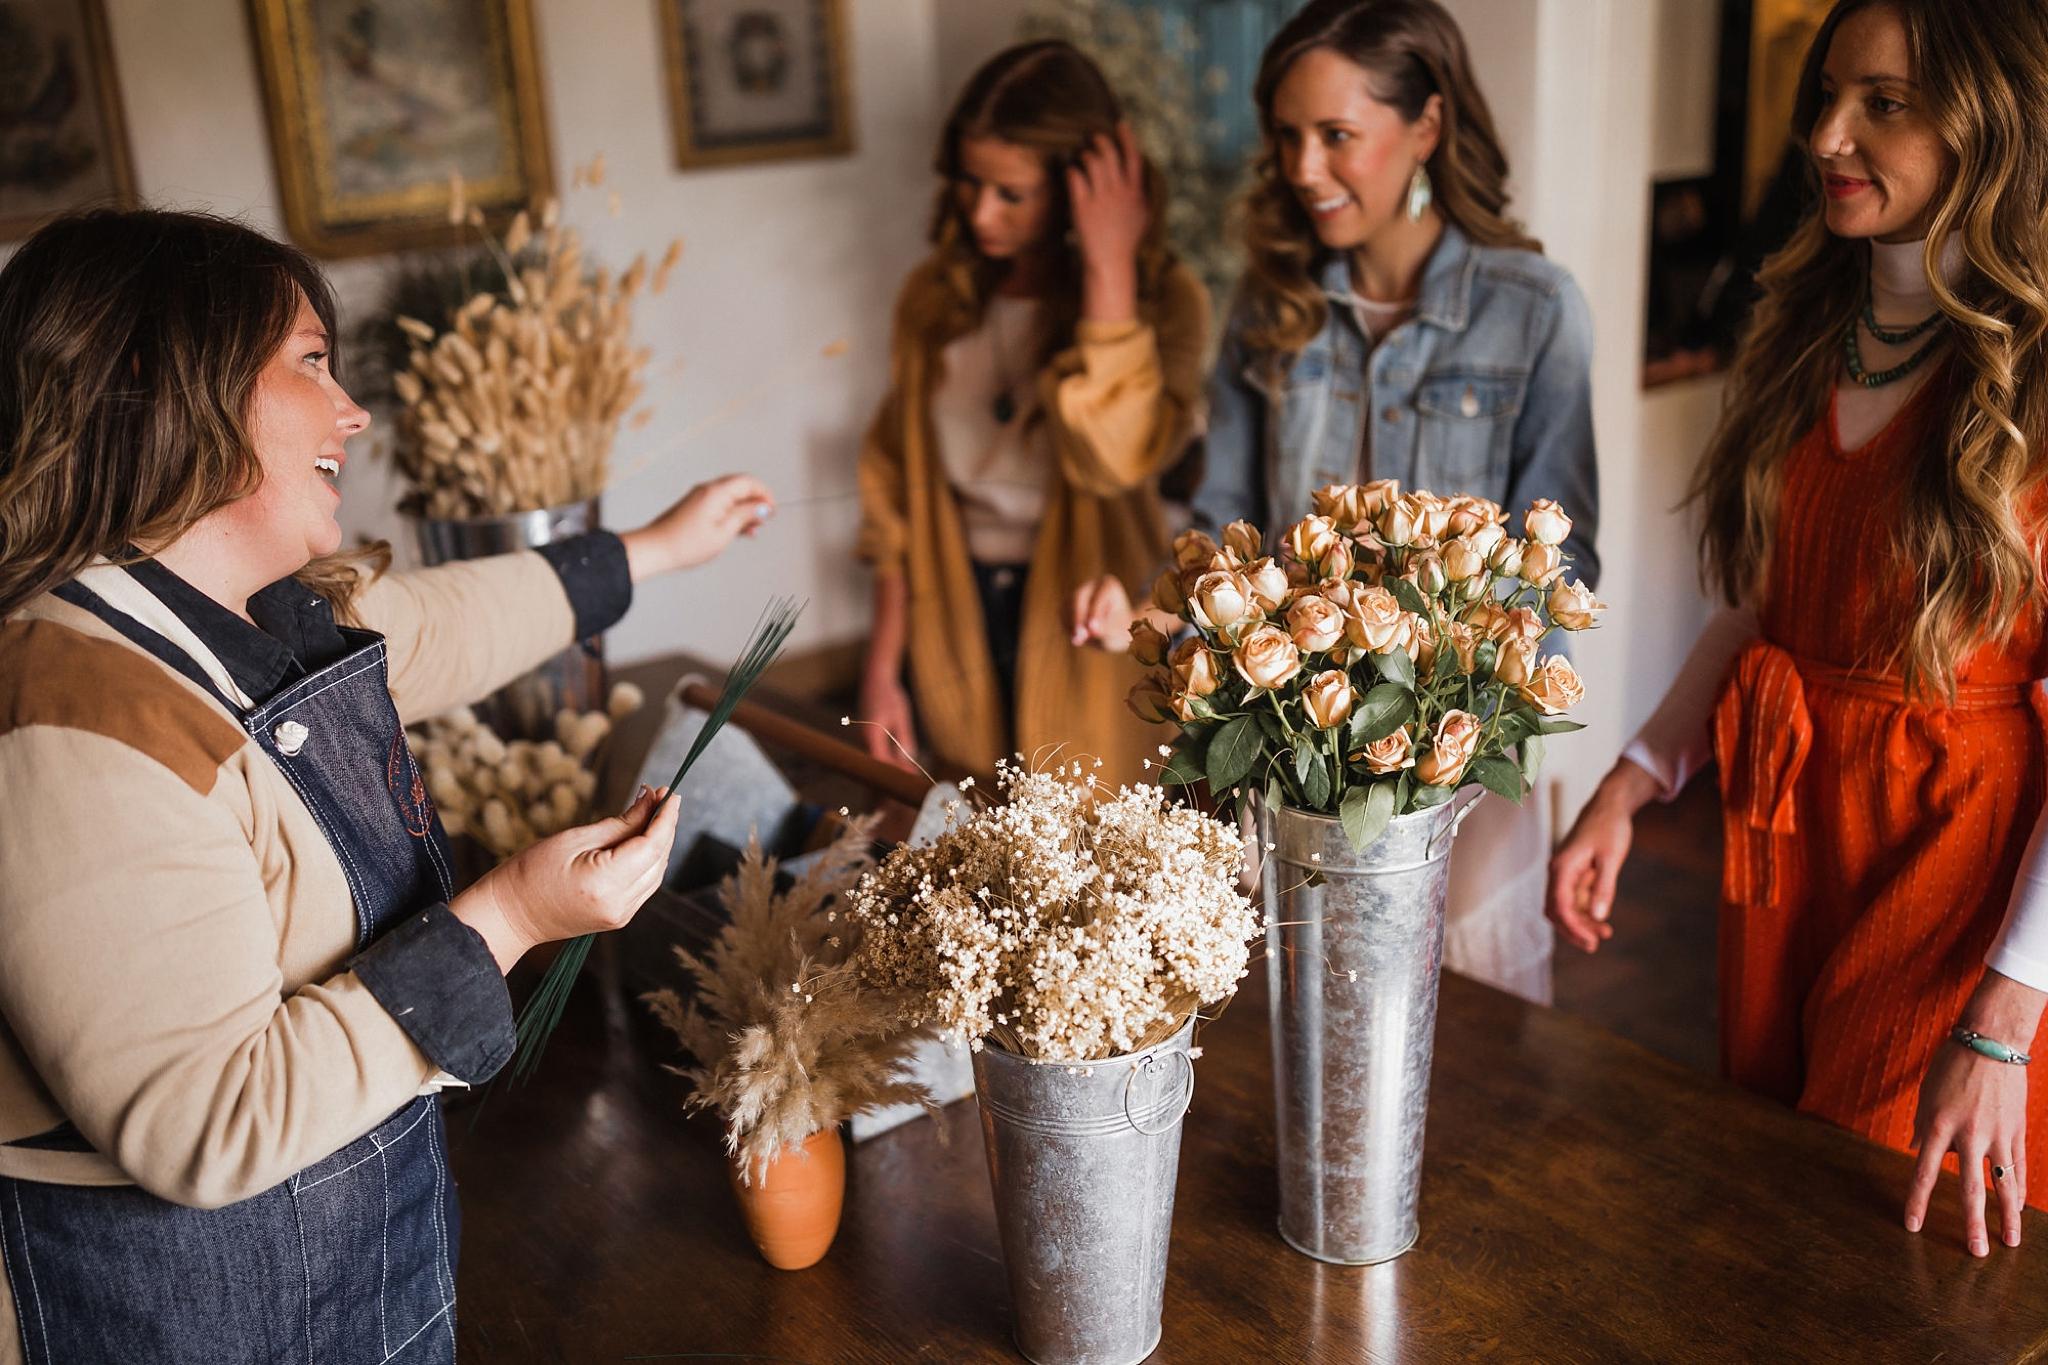 Alicia+lucia+photography+-+albuquerque+wedding+photographer+-+santa+fe+wedding+photography+-+new+mexico+wedding+photographer+-+new+mexico+wedding+-+new+mexico+florist+-+floriography+flowers+-+floriography+flowers+new+mexico+-+wedding+florist_0016.jpg